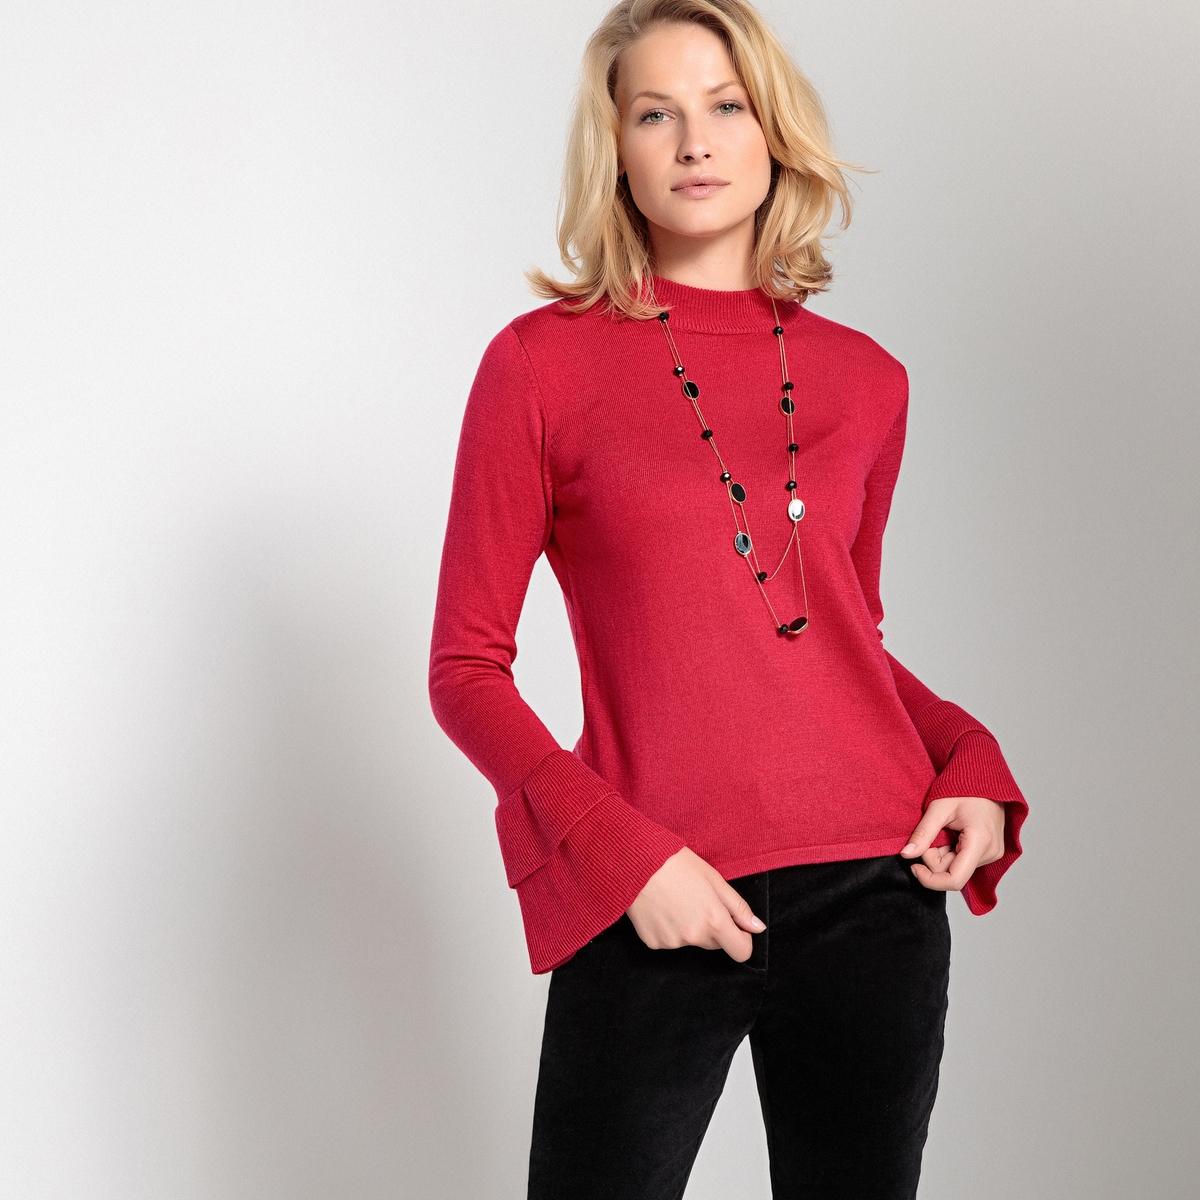 Пуловер La Redoute С воротником-стойкой и рукавами с воланами из тонкого трикотажа 46/48 (FR) - 52/54 (RUS) розовый